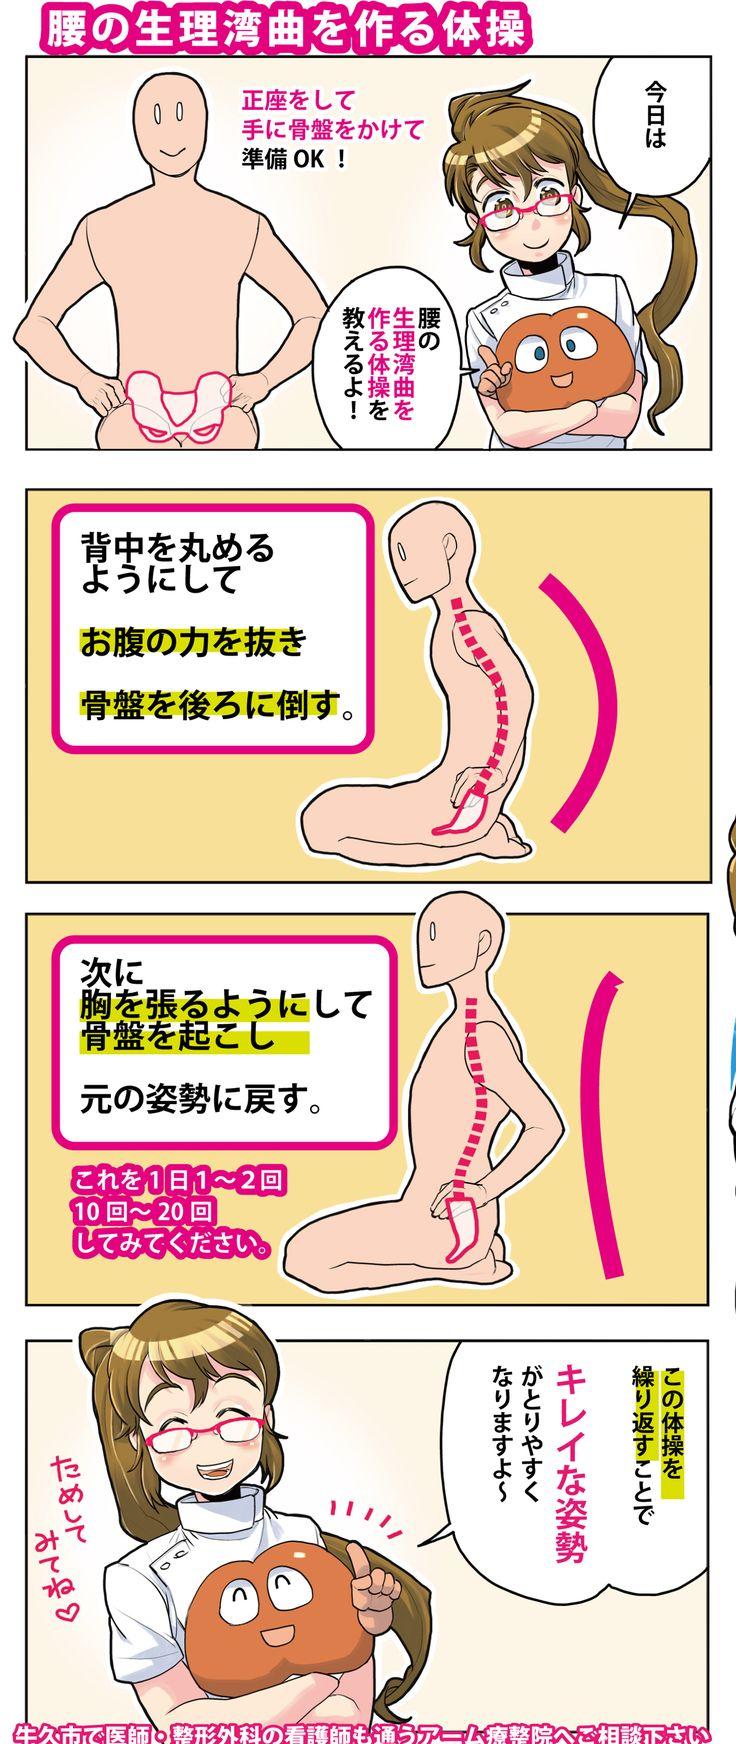 無料で出来る腰痛予防体操 ストレッチ これでギックリともサヨウナラ